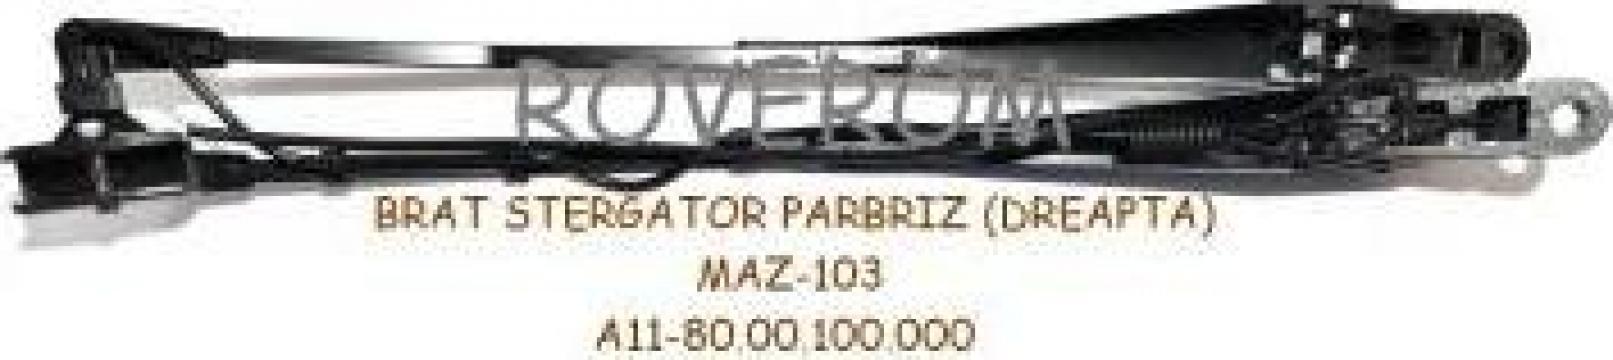 Brat stergator parbriz Maz-103, 105, 107, 152 (dreapta)